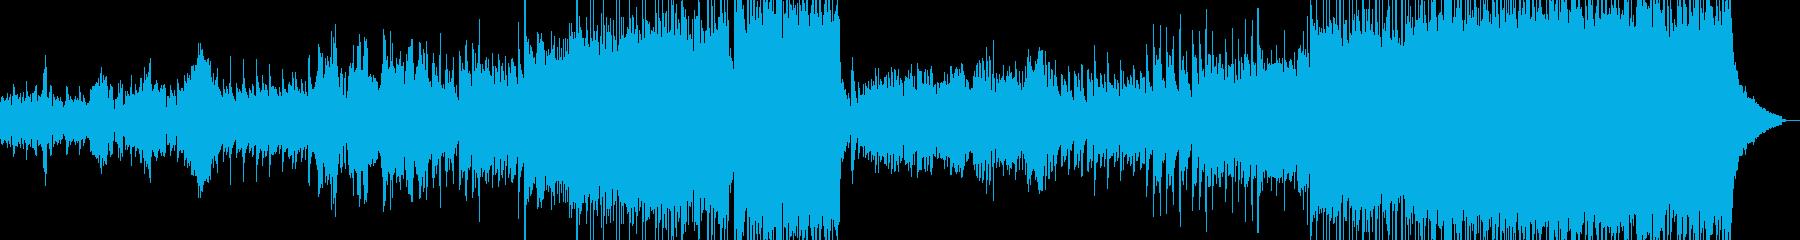 二胡とハープ・儚くも壮大な演出に B3の再生済みの波形